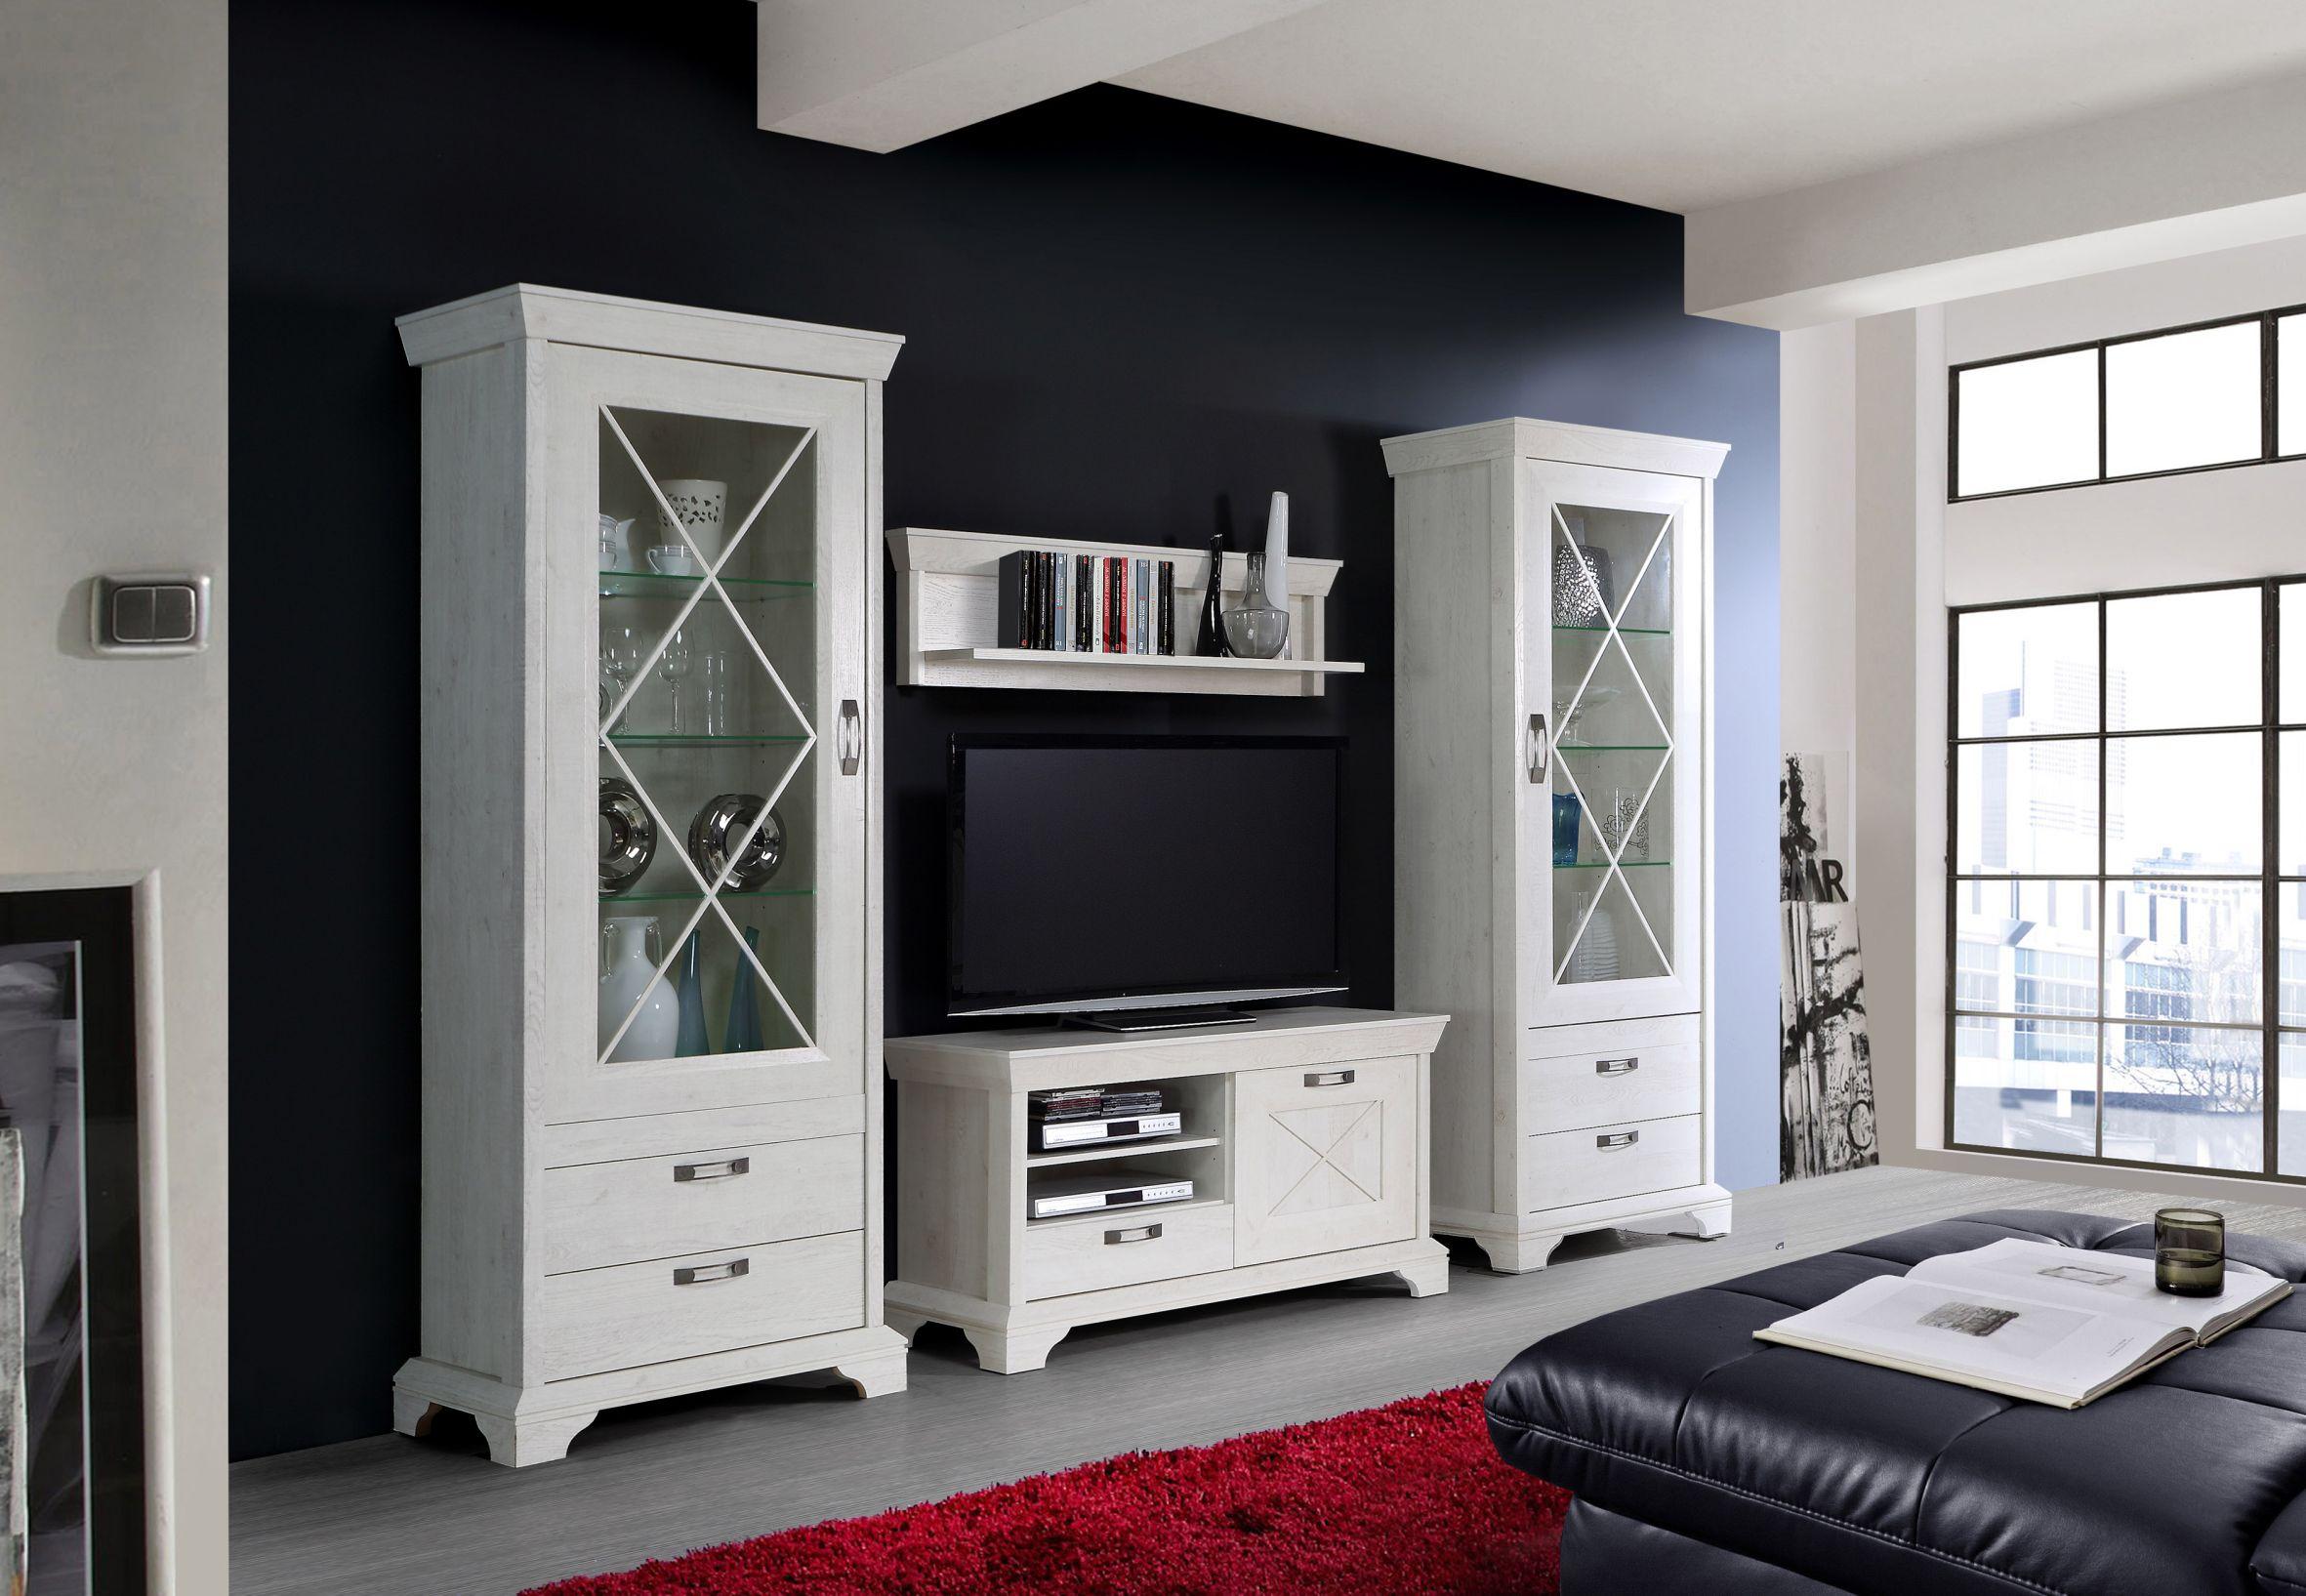 wohnzimmer hochvitrine kashmir hochschrank. Black Bedroom Furniture Sets. Home Design Ideas